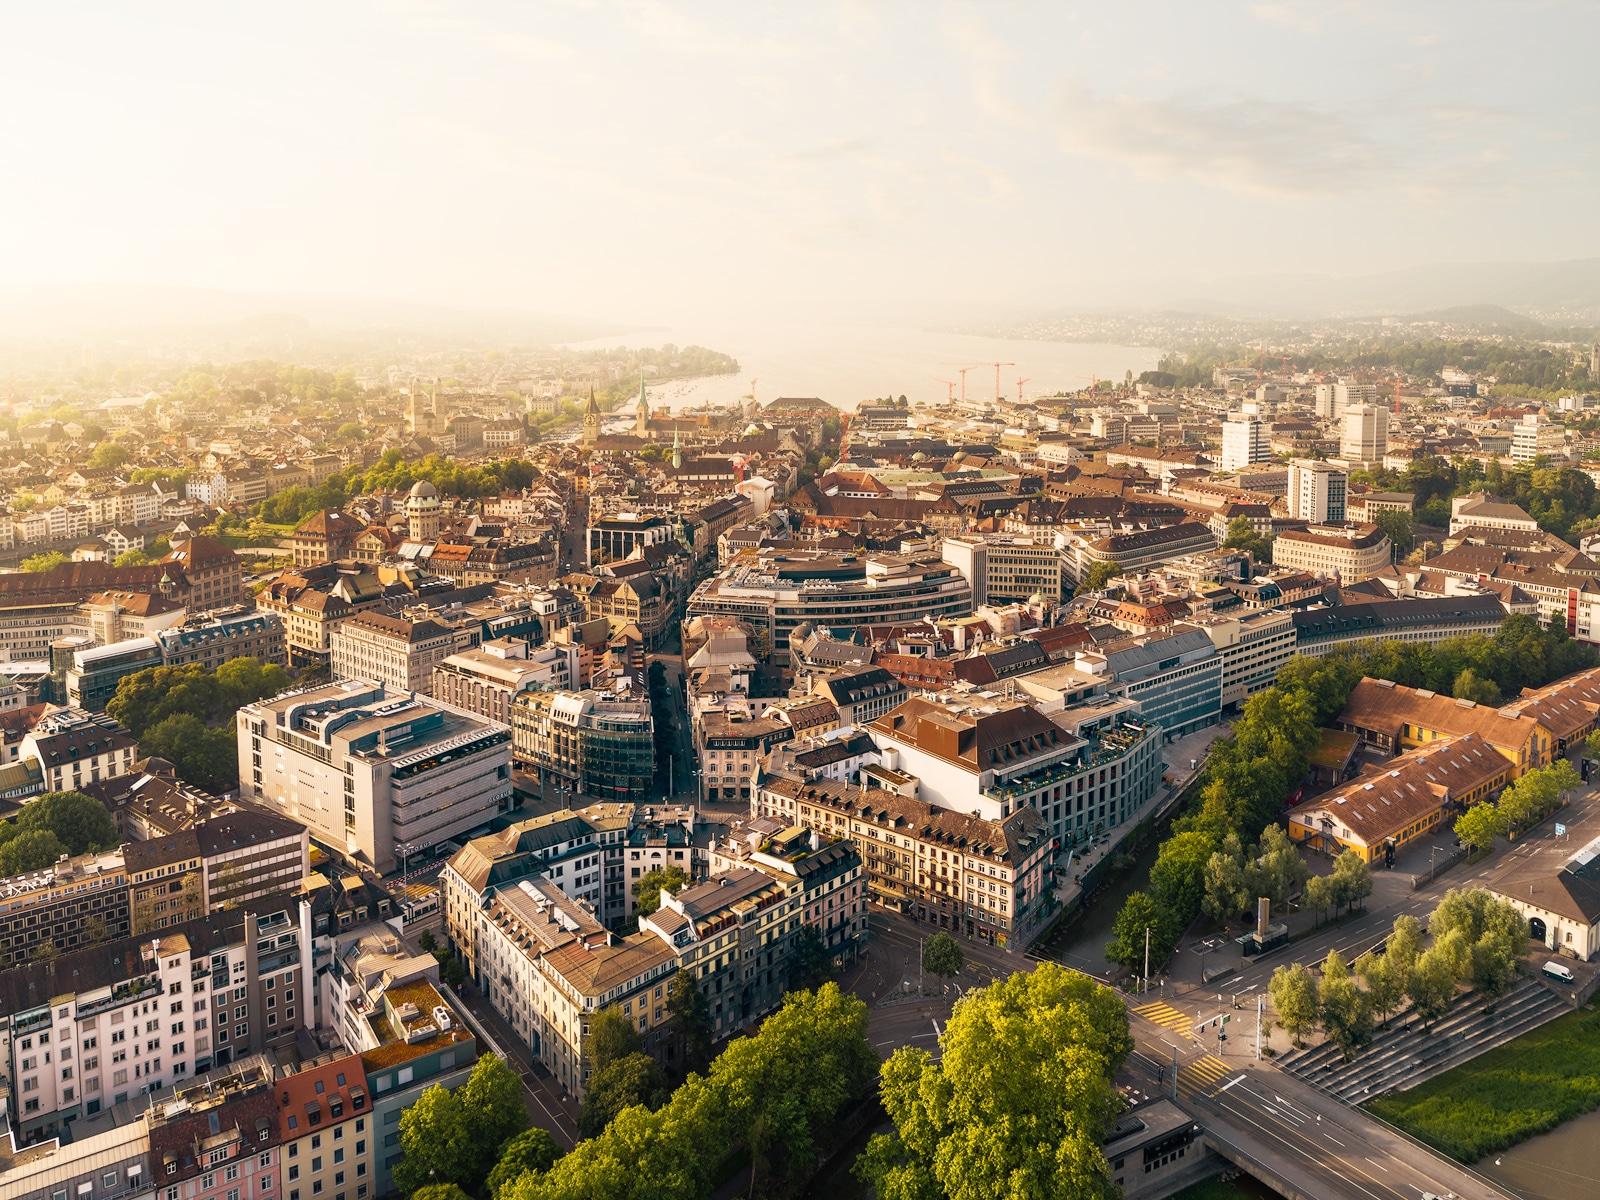 Luftaufnahme mit Drohne - Blick auf Zürich, Gessnerallee, Reithalle, Löwenplatz, Seebecken